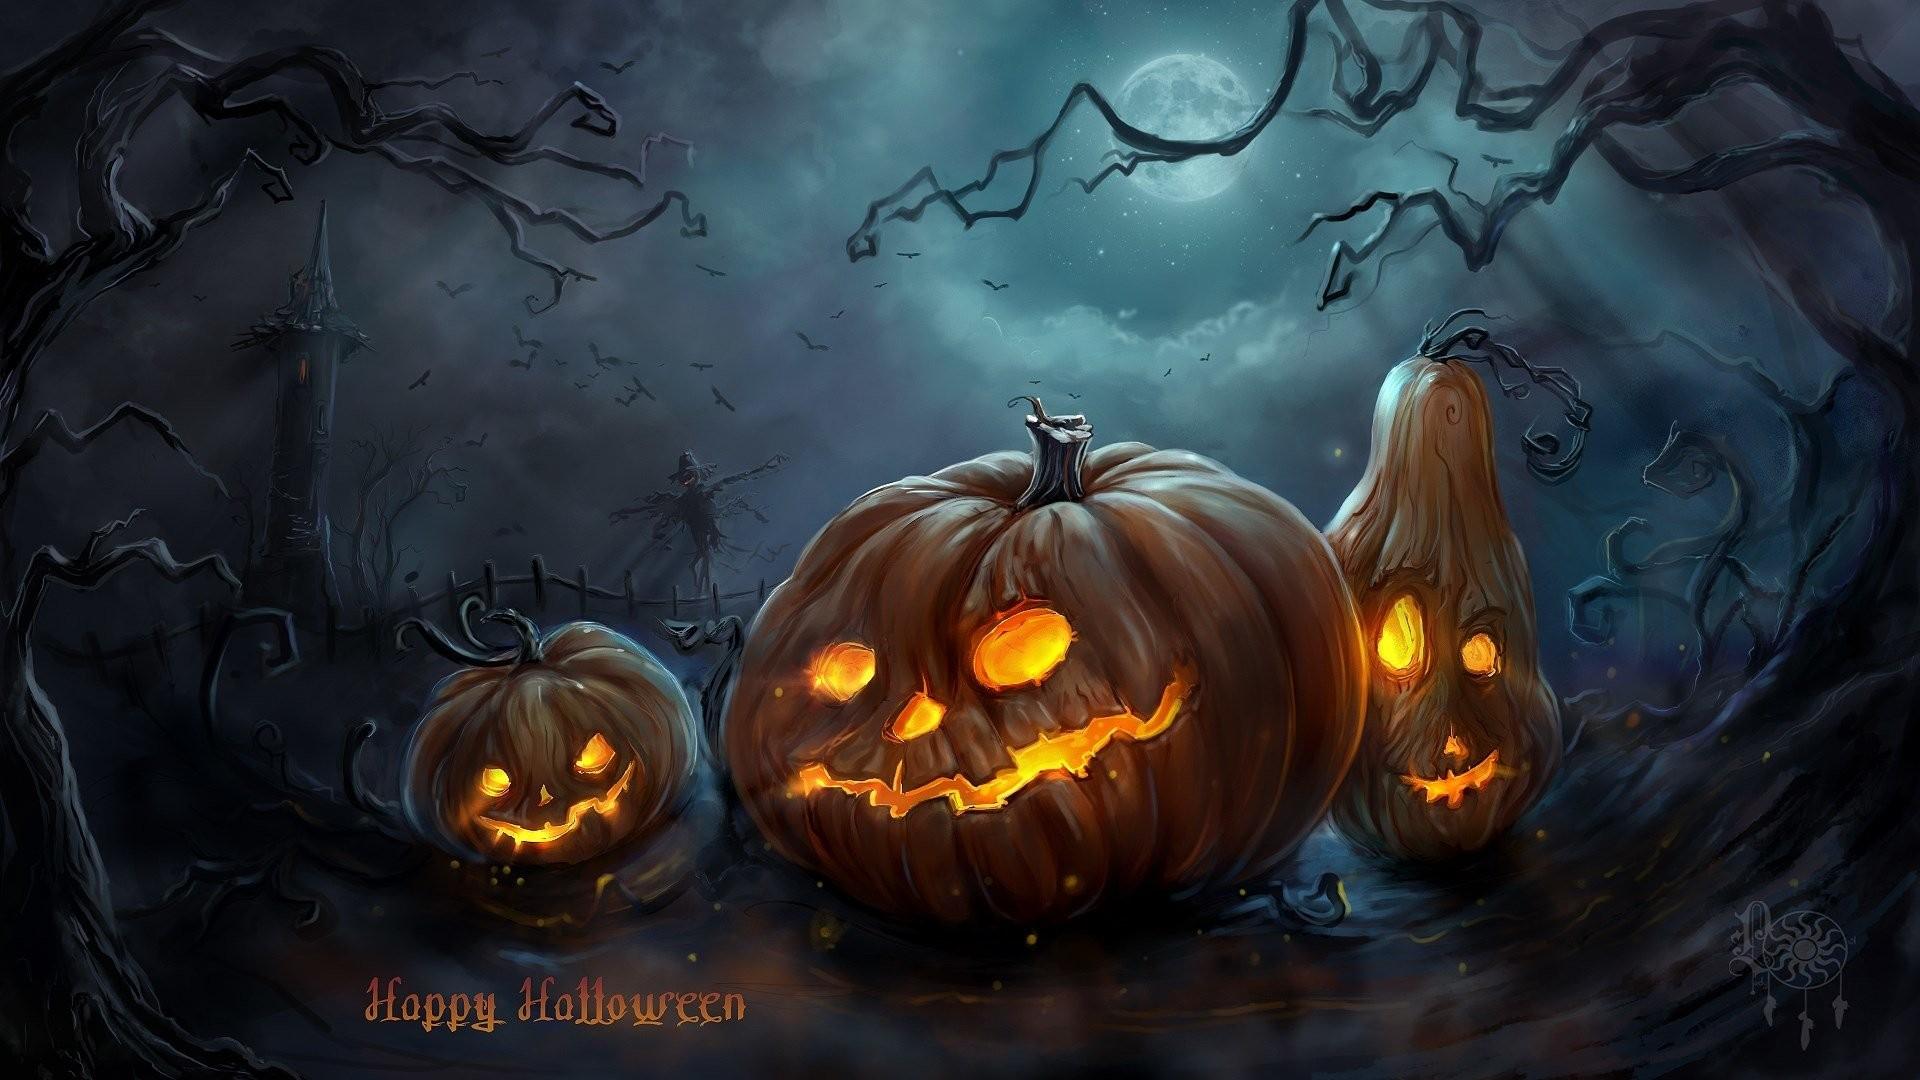 widescreen halloween wallpaper hd 1920x1080